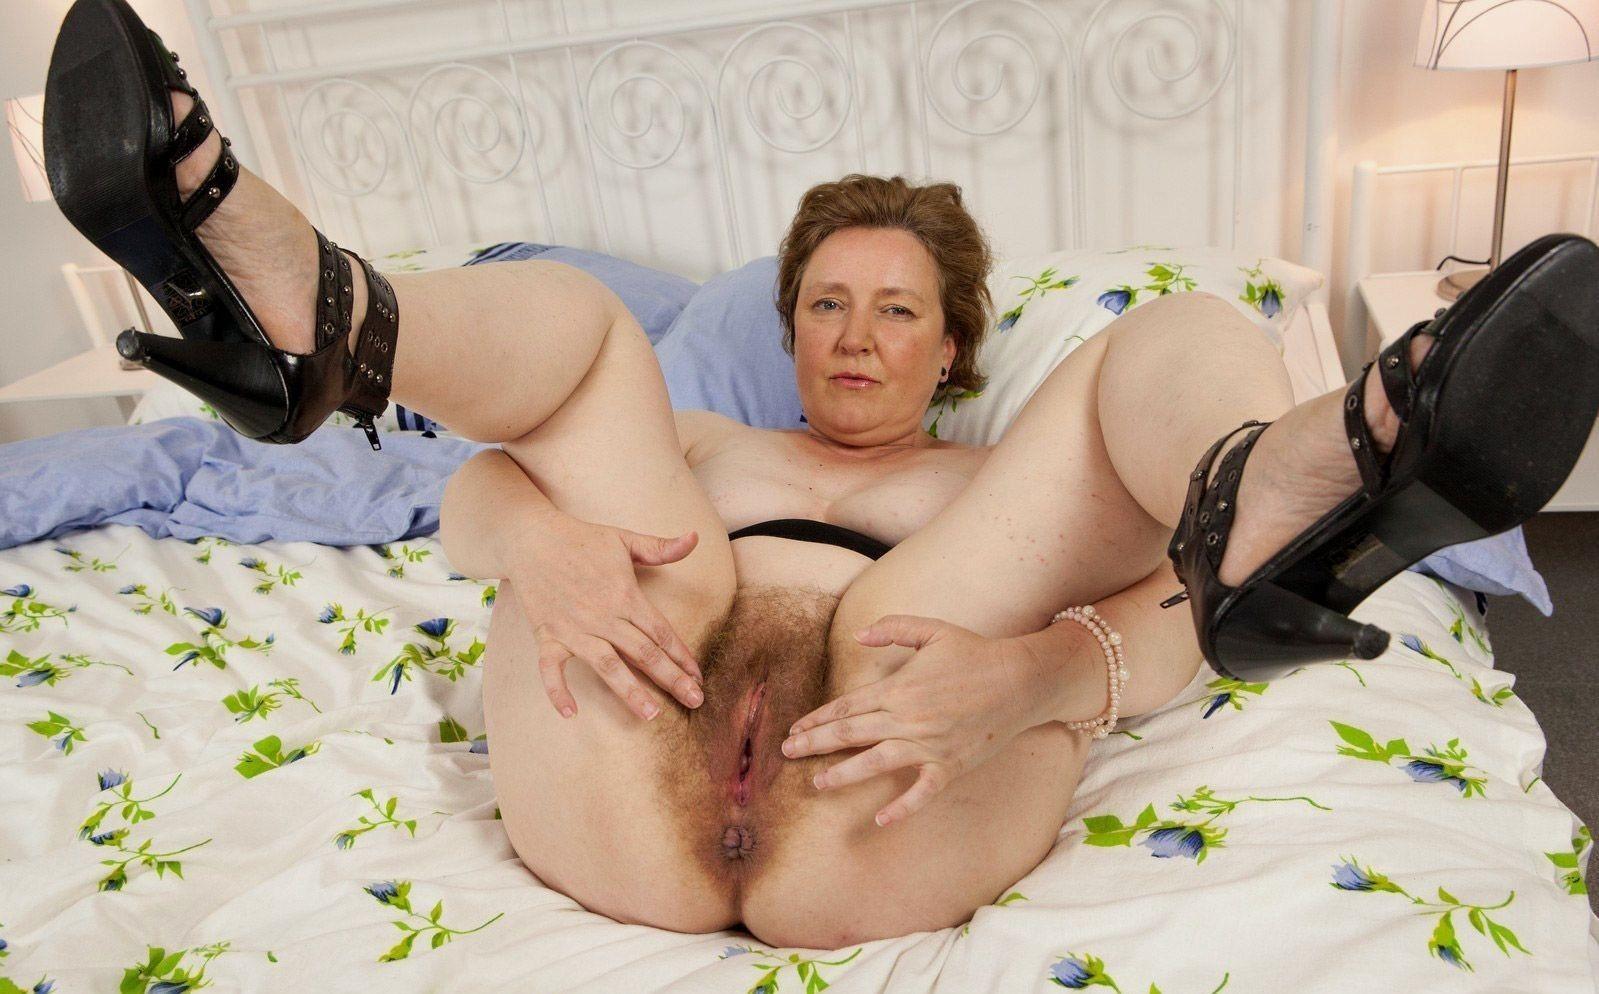 Пизду порно показывают фото старухи